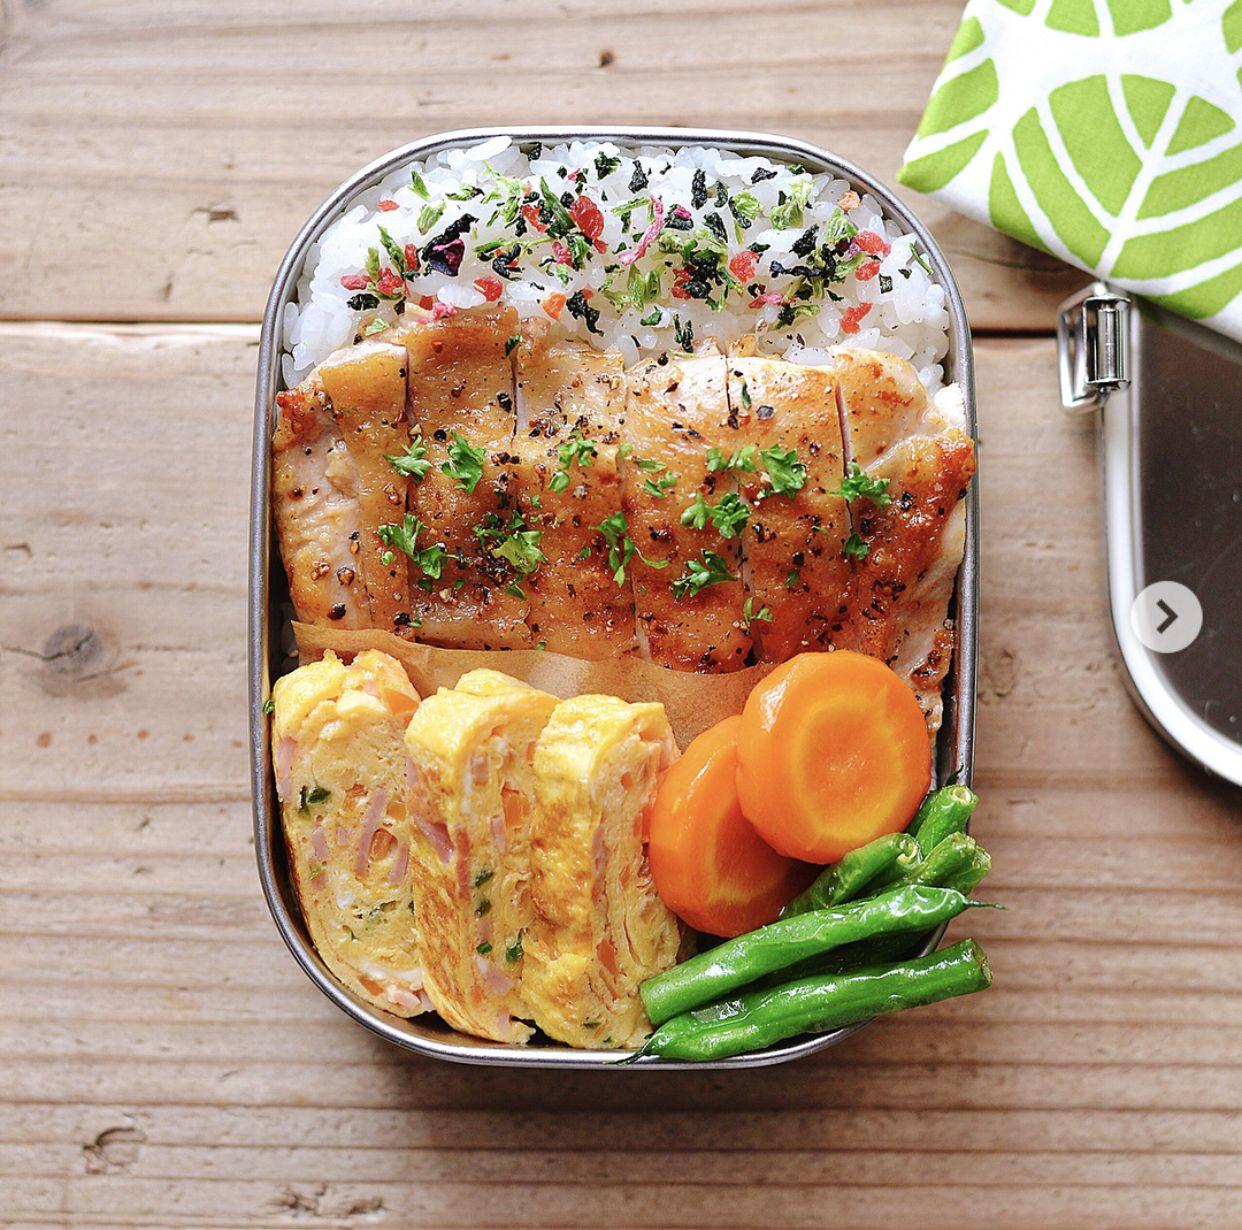 Grilled chicken bento #bentoboxlunch